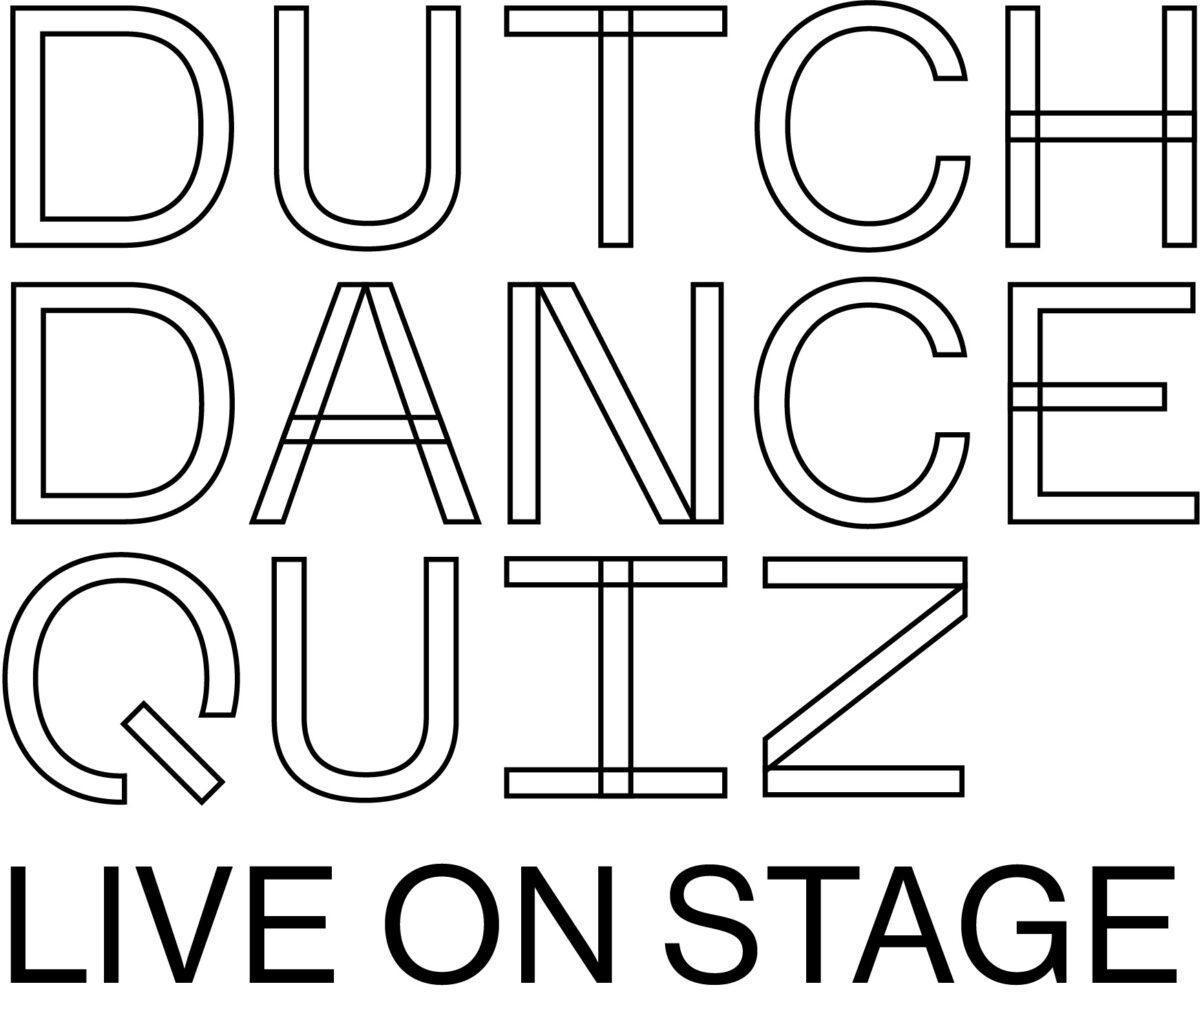 Dutch Dance Quiz live on stage logo